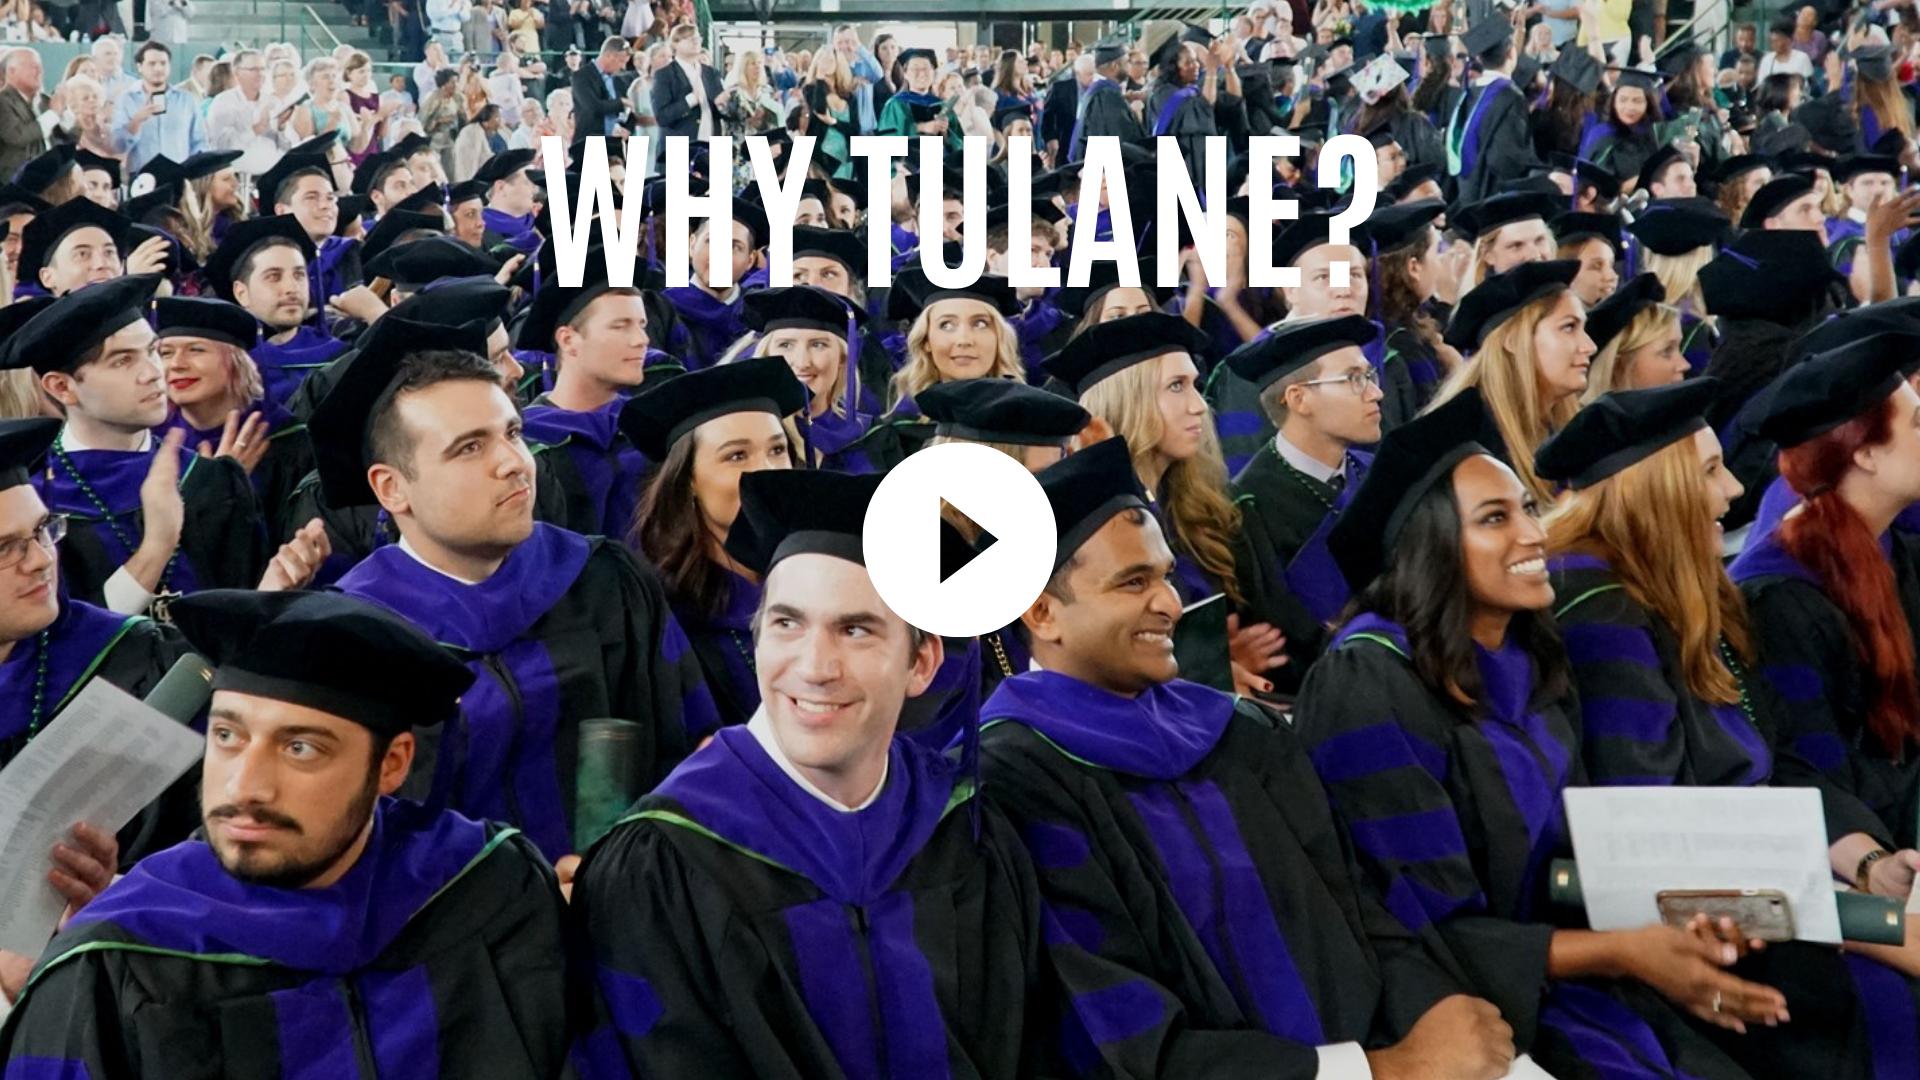 Why Tulane?